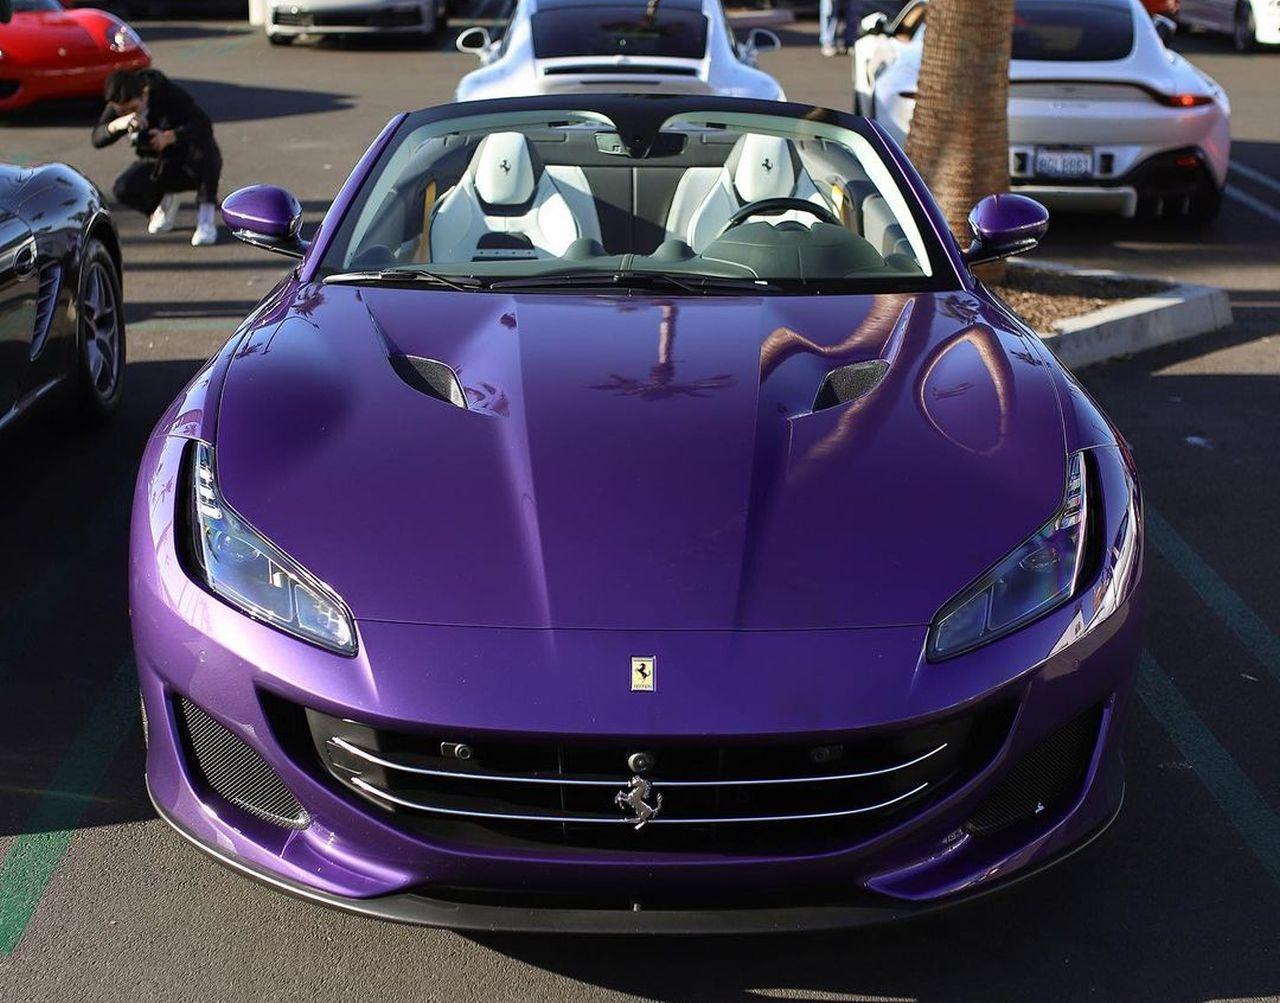 Viola Dino Ferrari Portofino-California-2